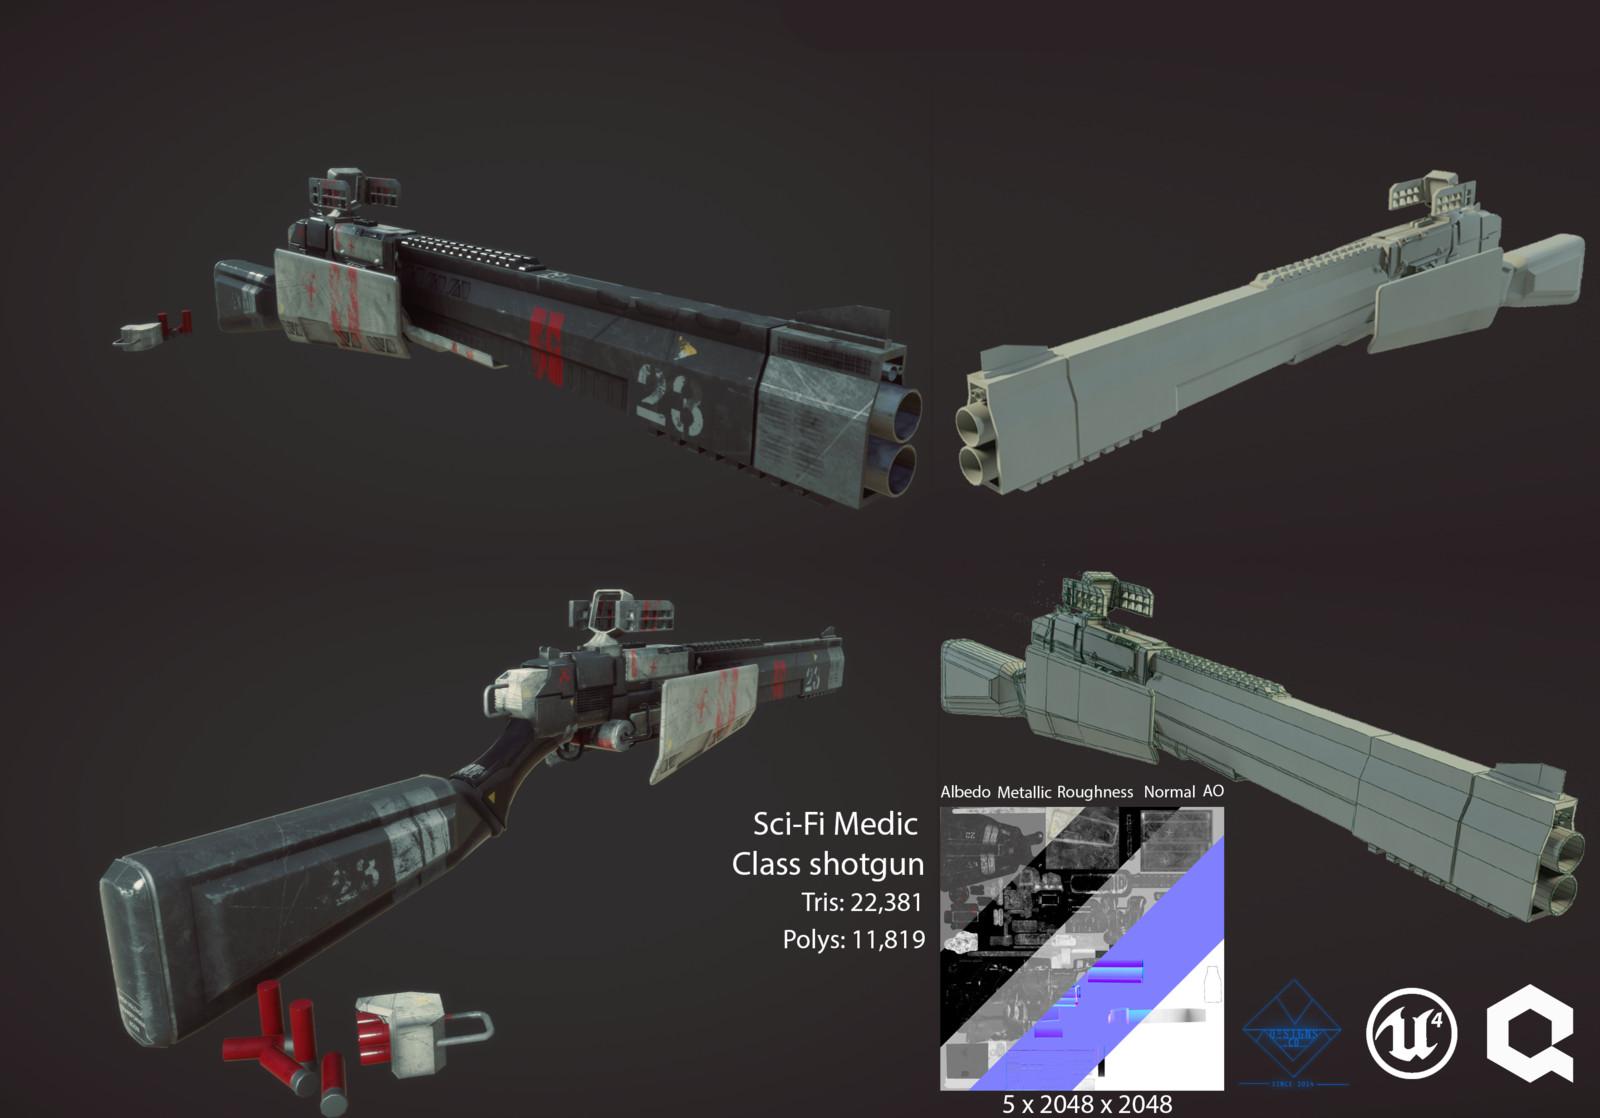 Sci-Fi Medic Shotgun